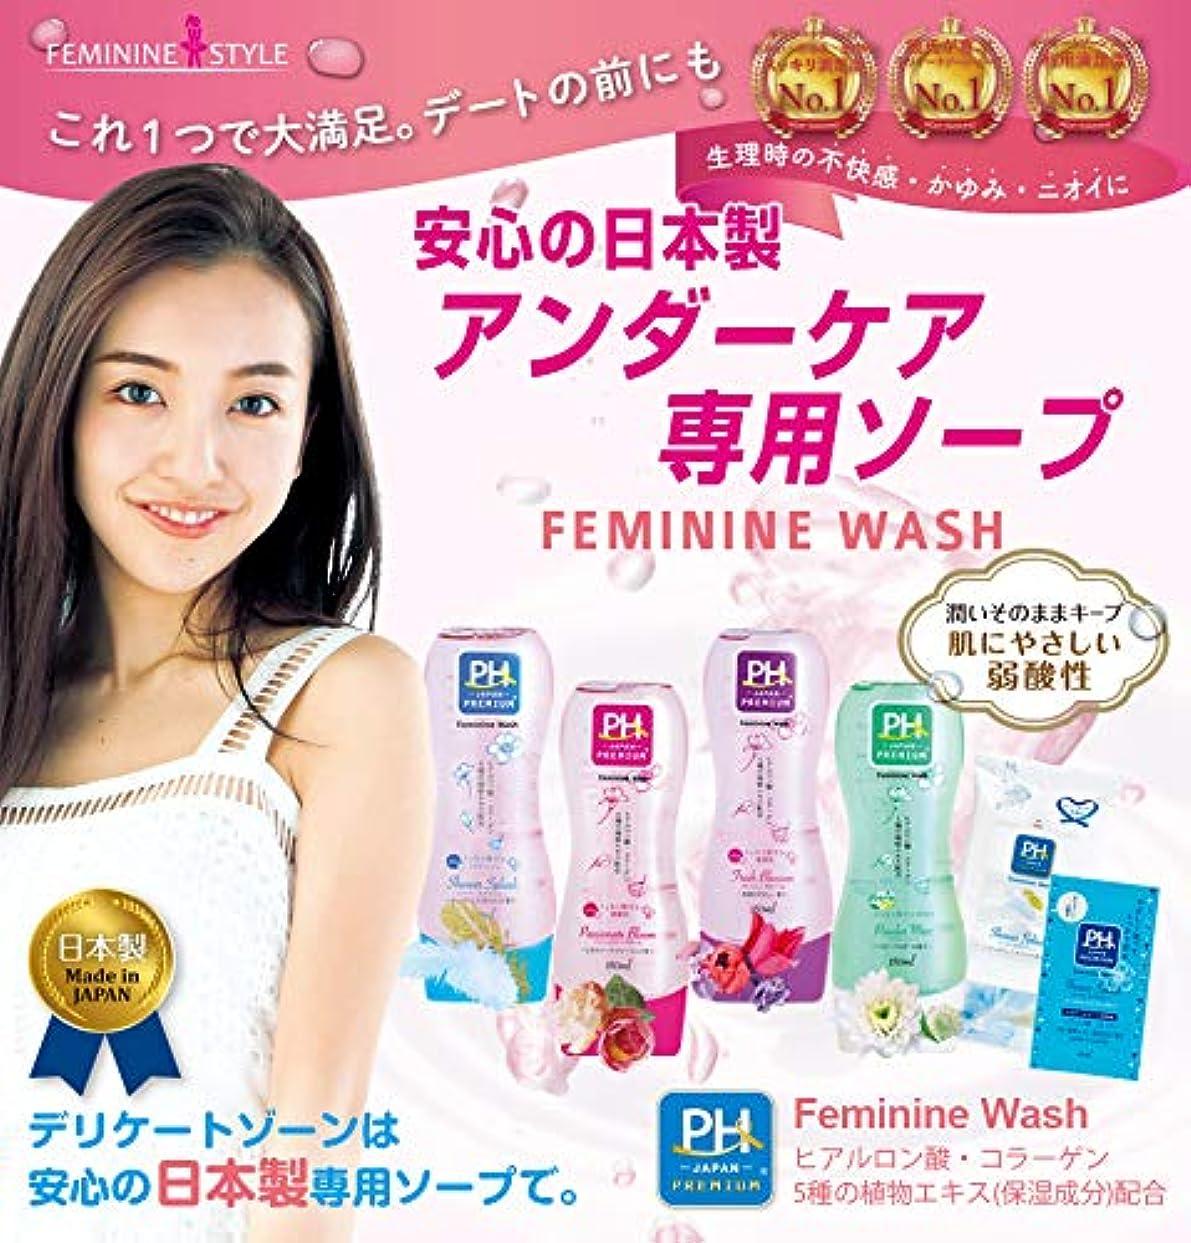 かりてガラガラ手当パッショネイトブルーム2本セット PH JAPAN フェミニンウォッシュ 上品なローズフローラルの香り